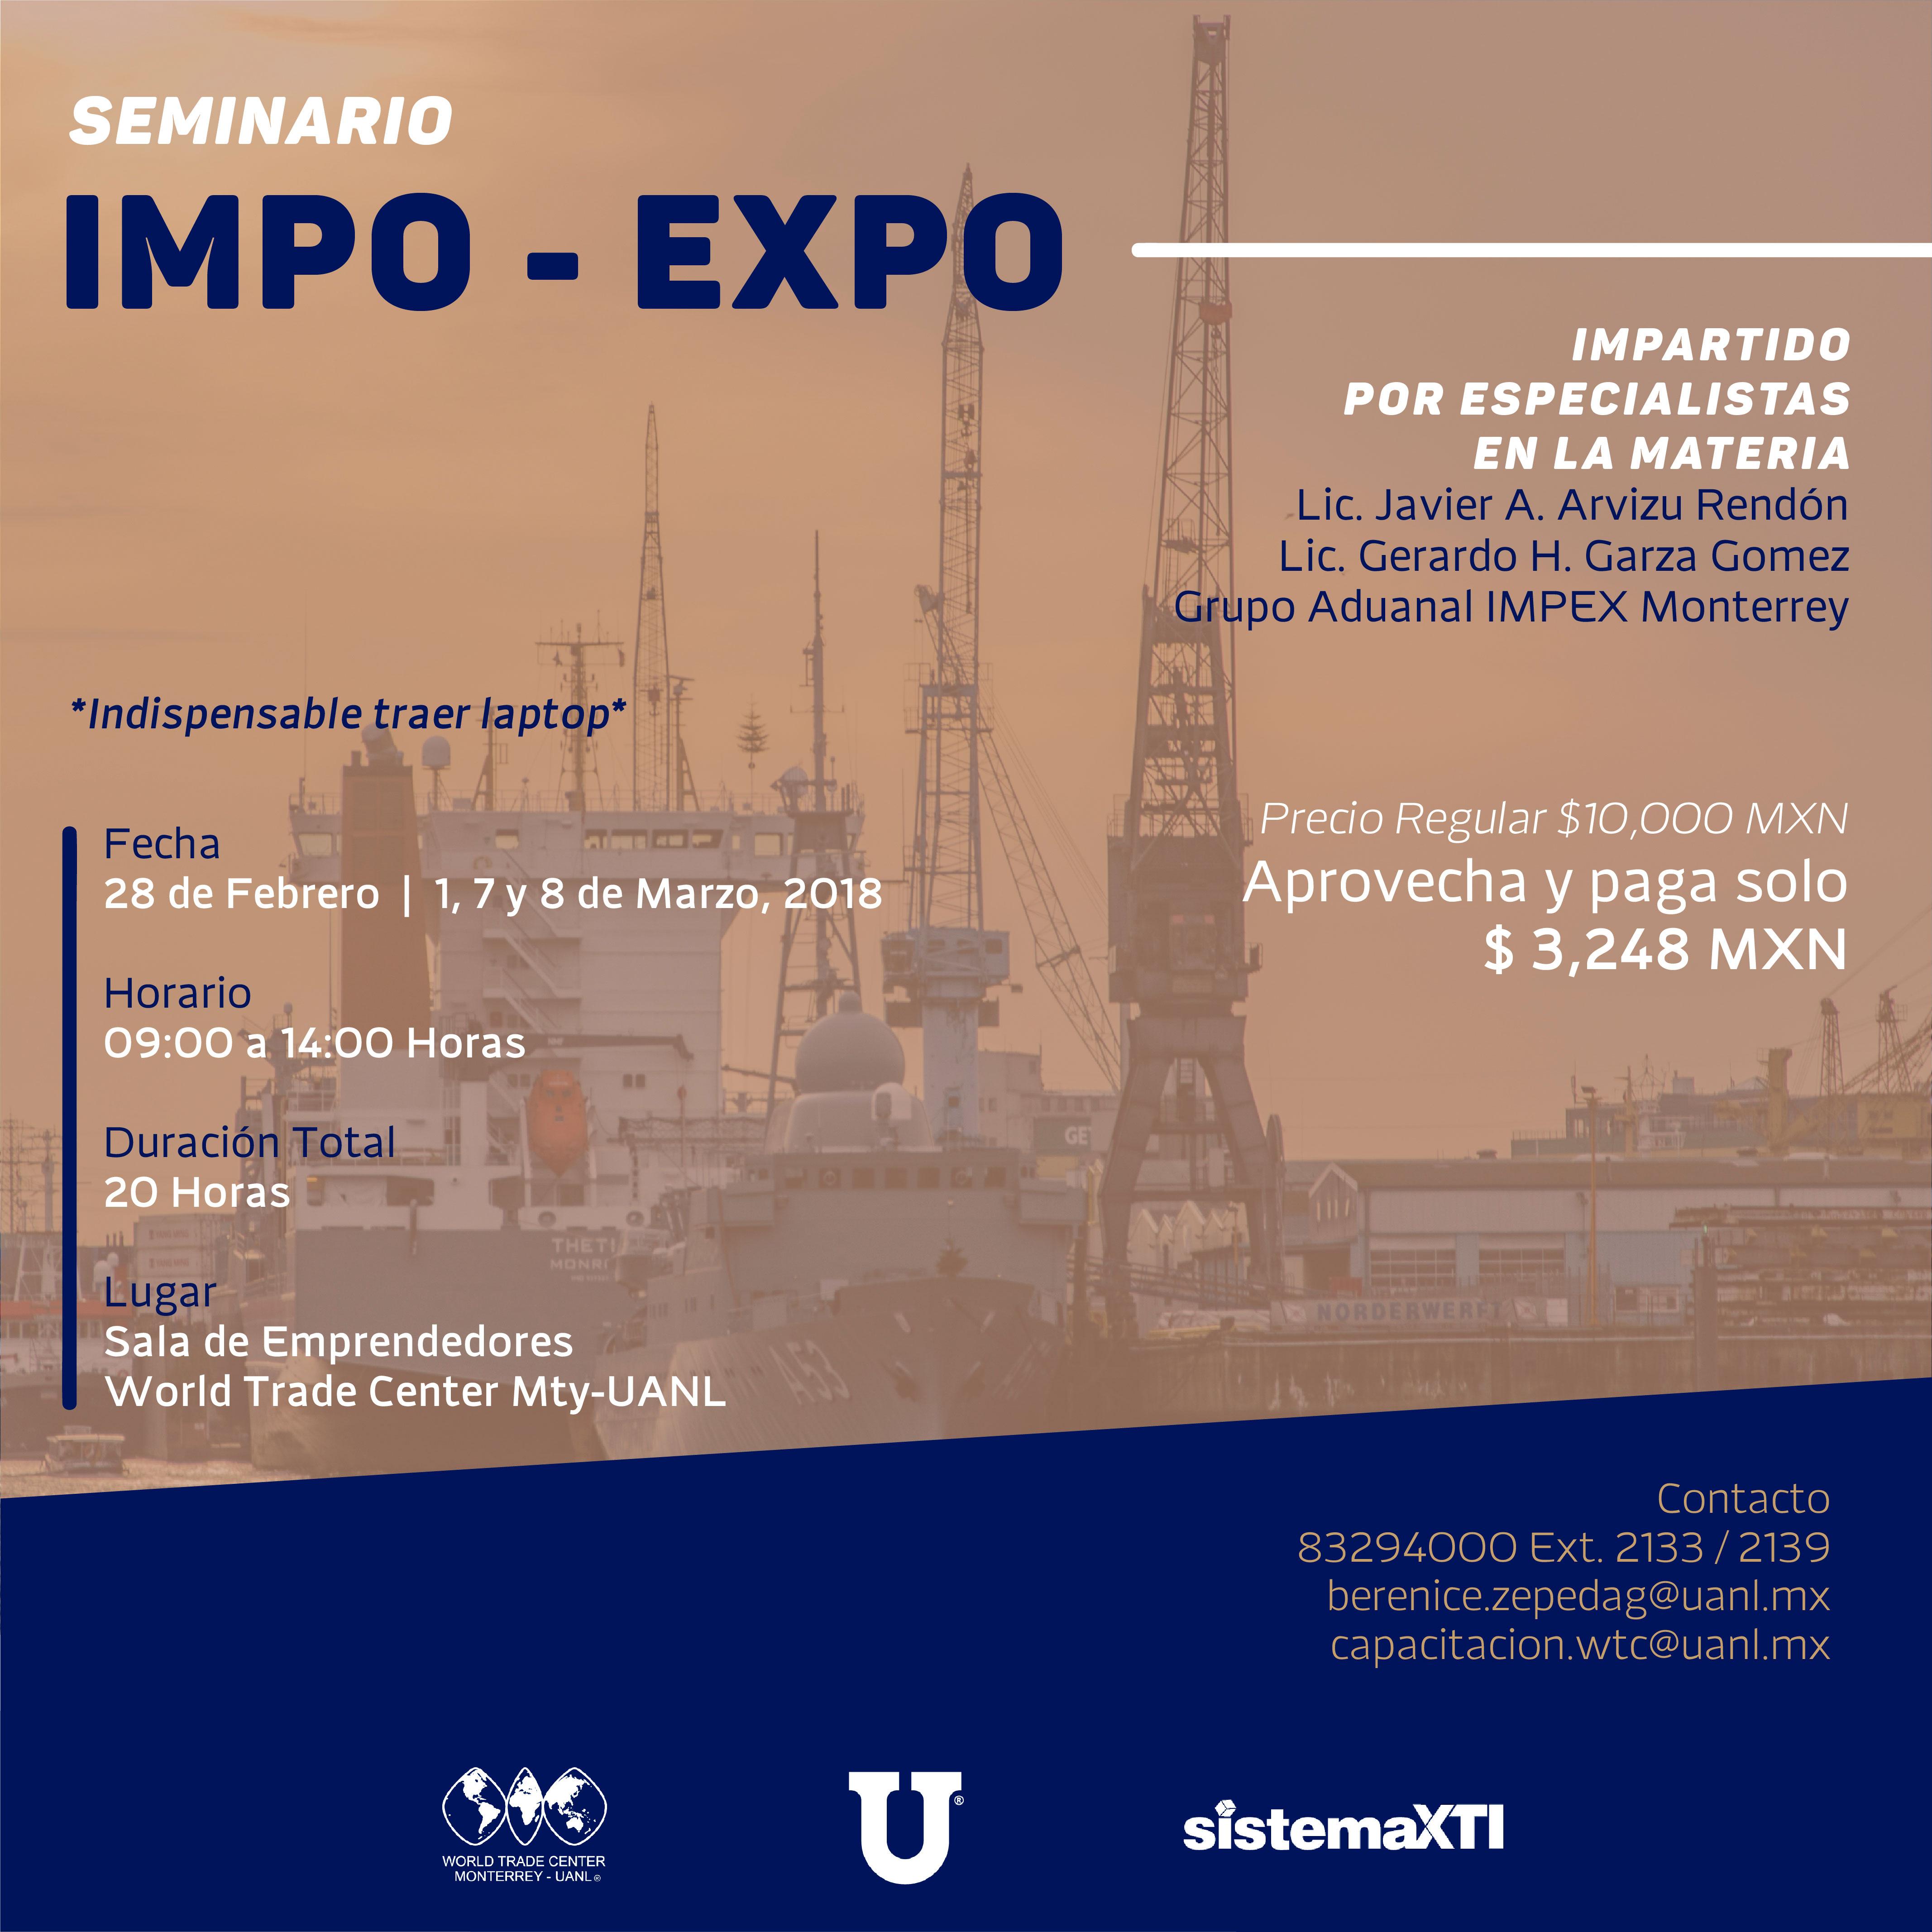 Seminario en Impo-Expo